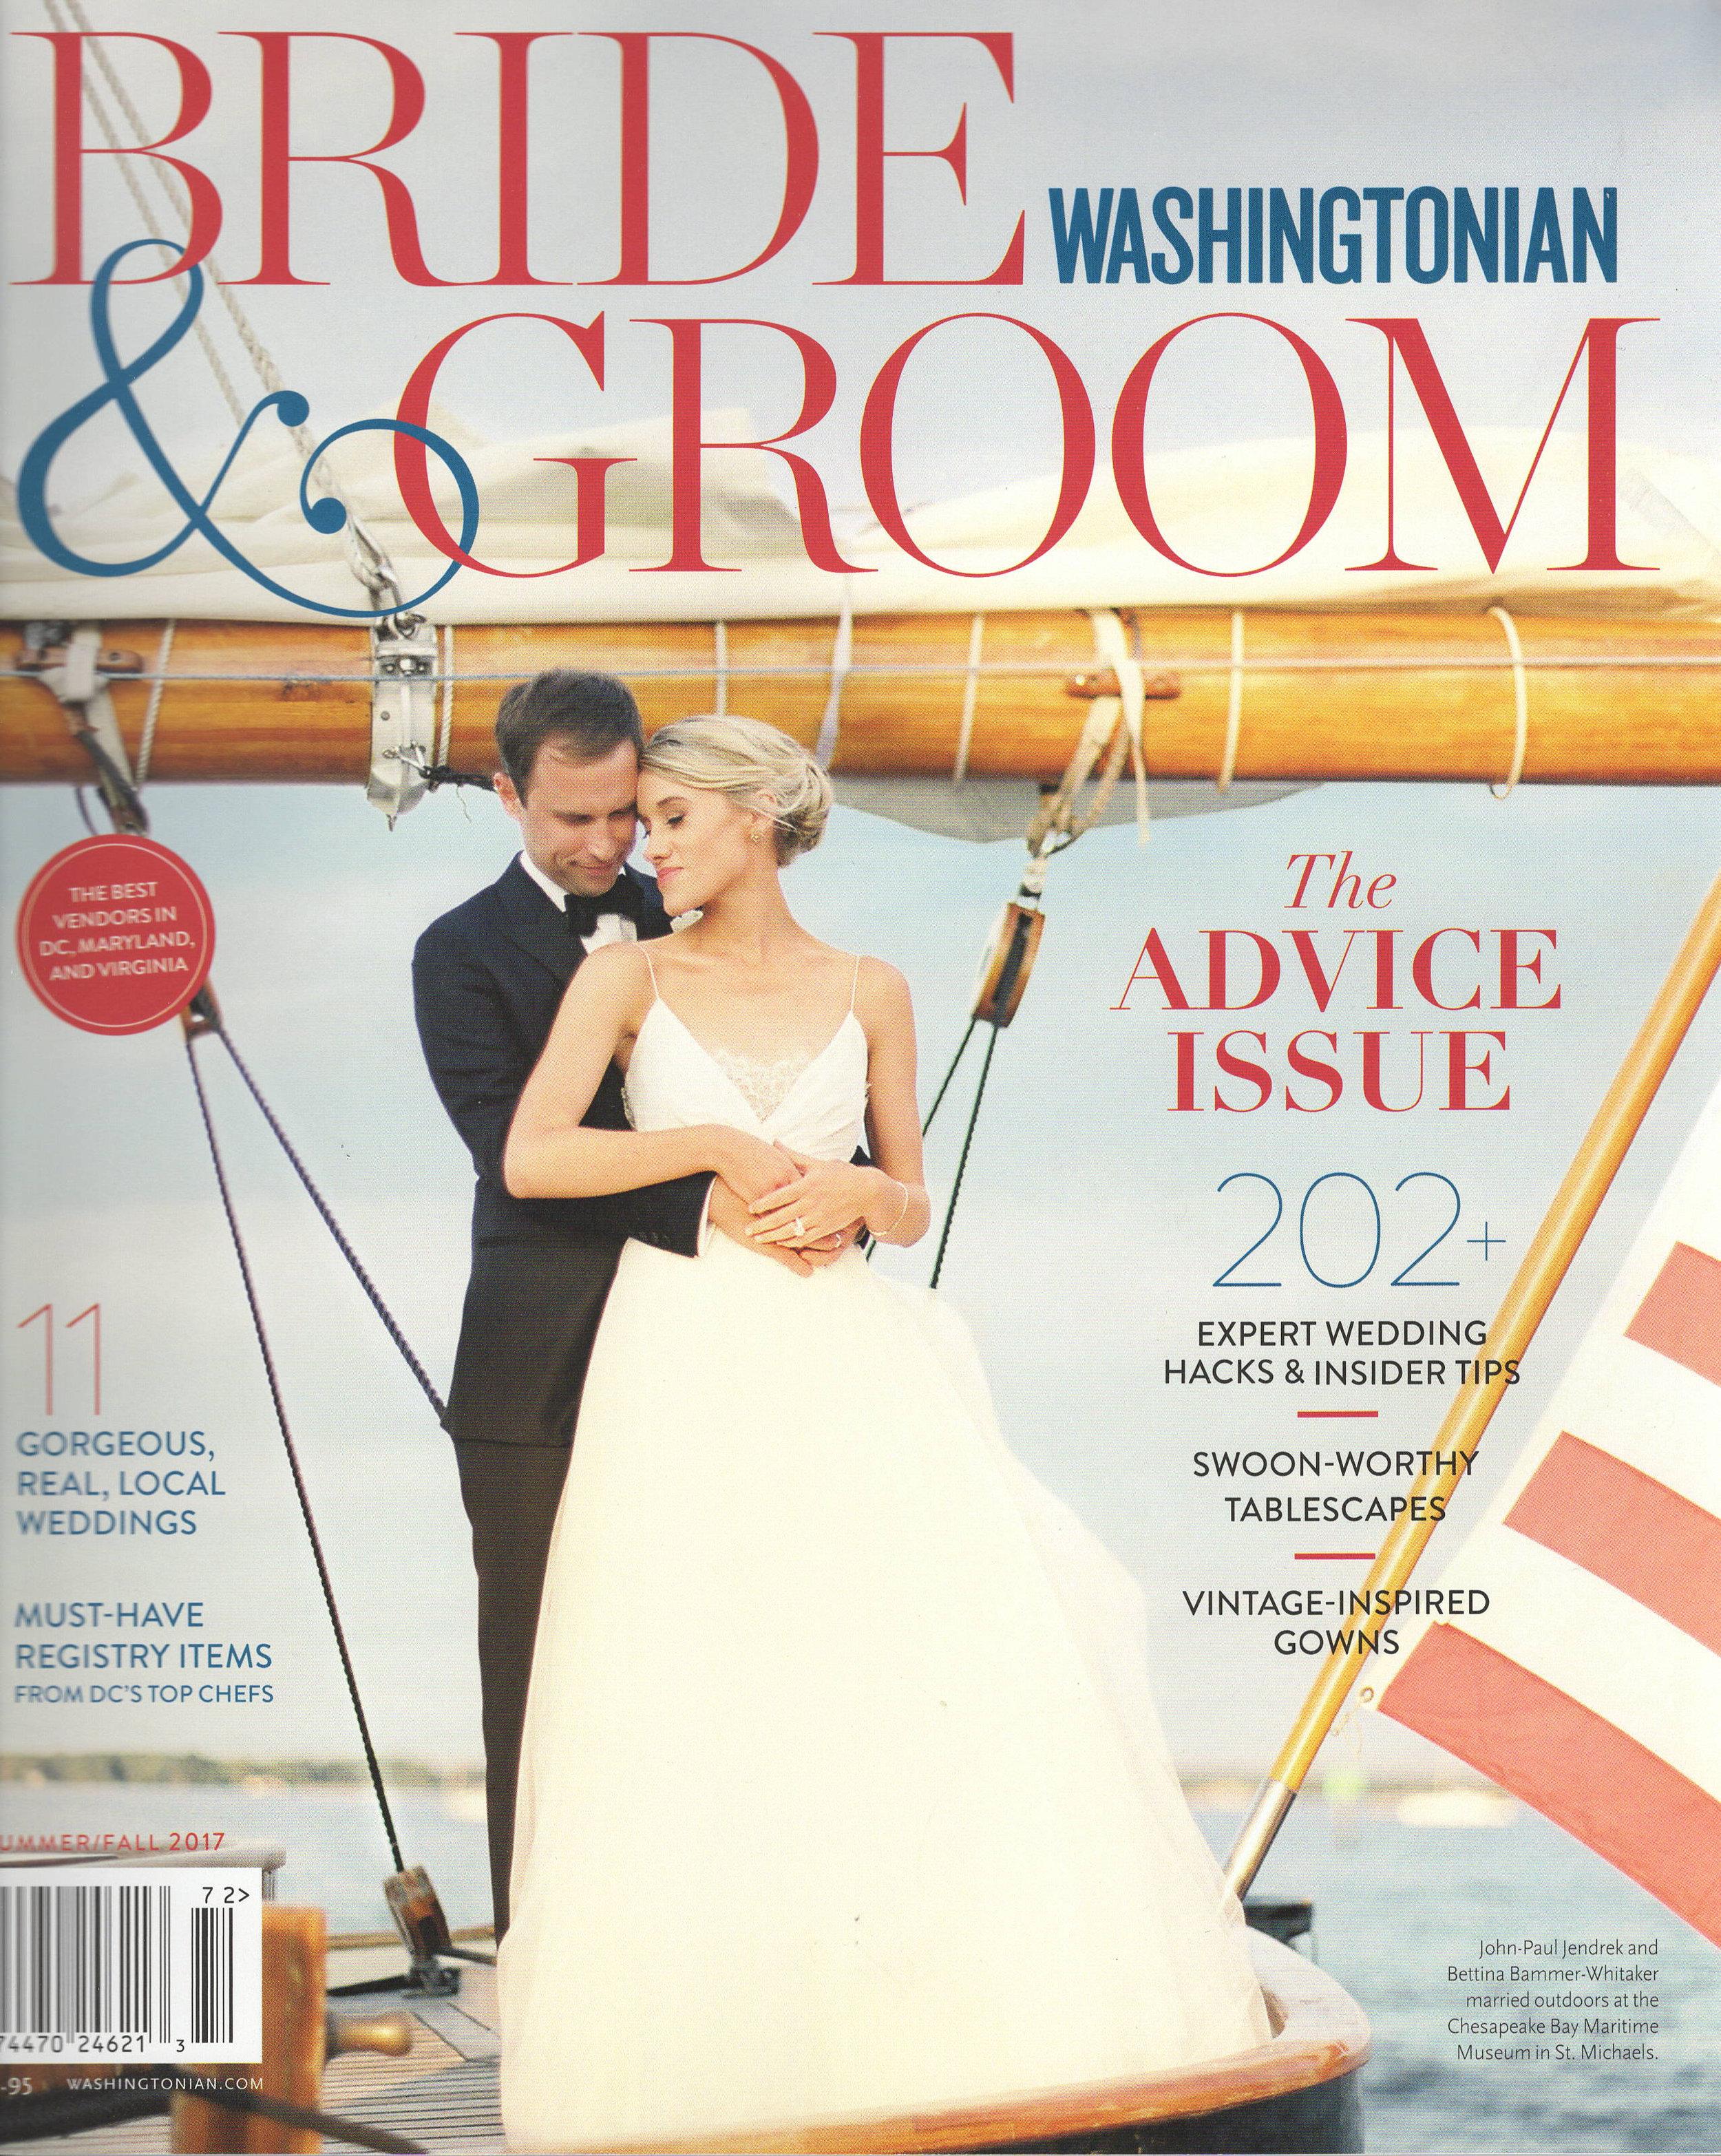 Washingtonian Bride & Groom 1.jpg